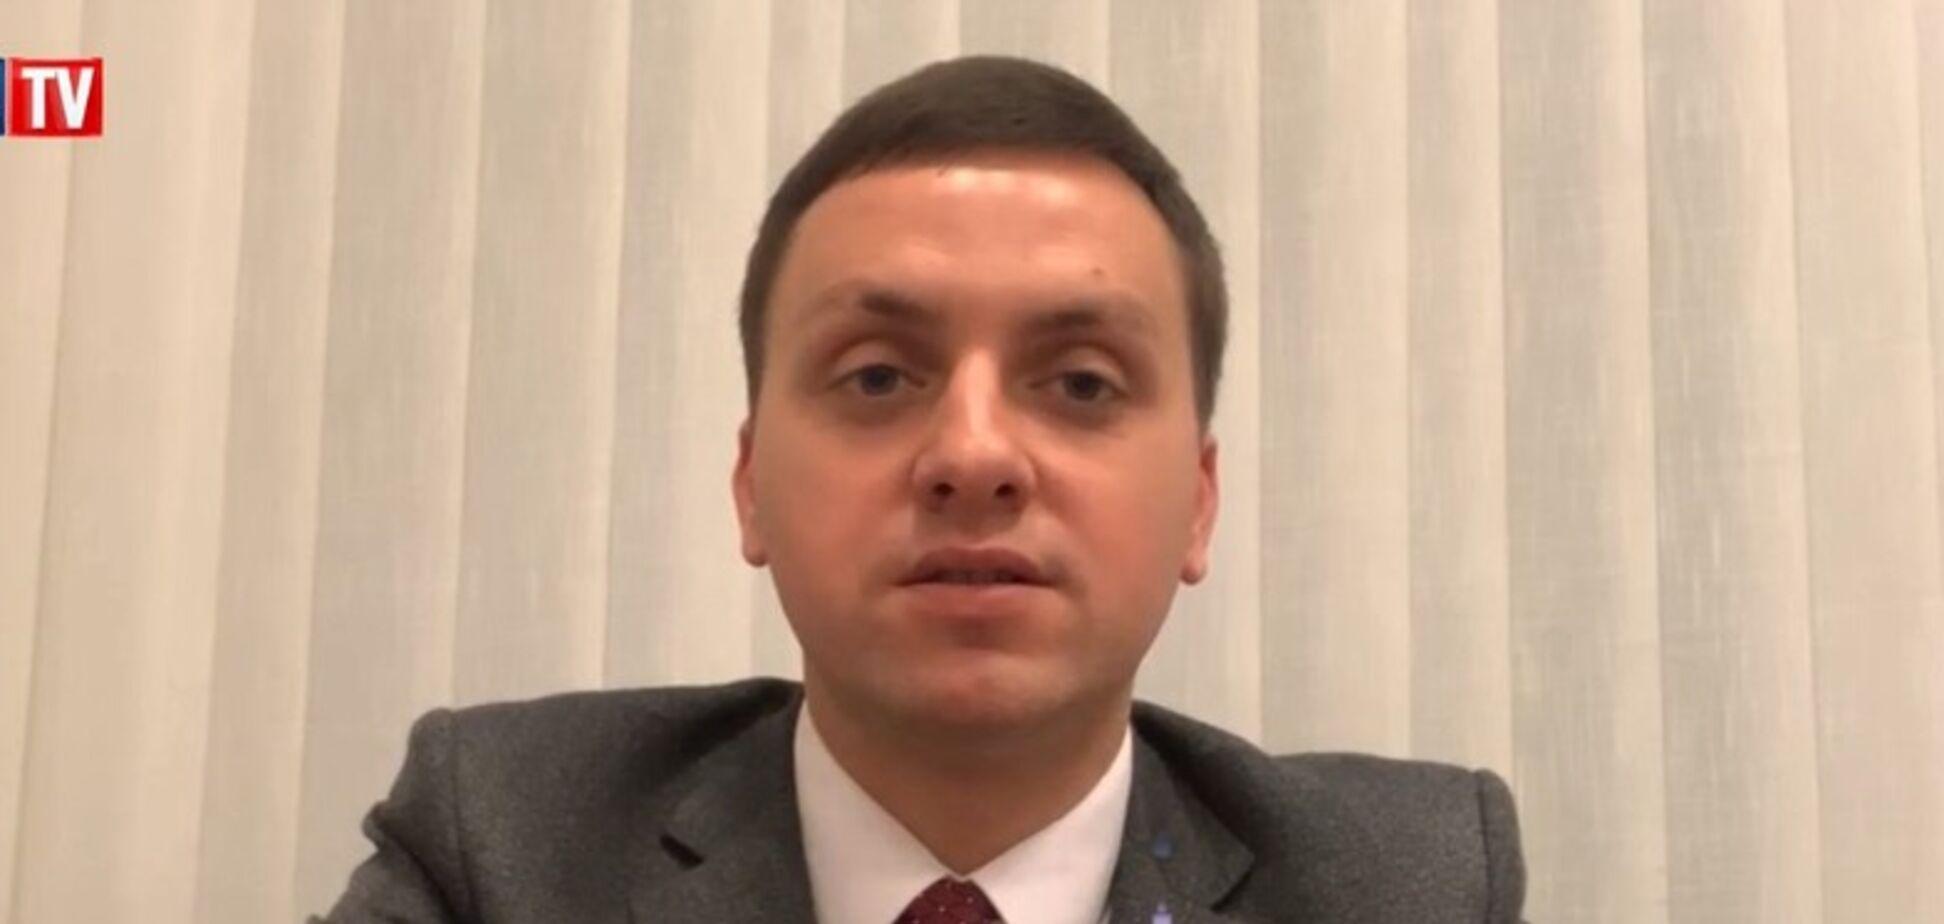 Автомобілі з алкотестерами в ЄС та Україні: прогнози експерта